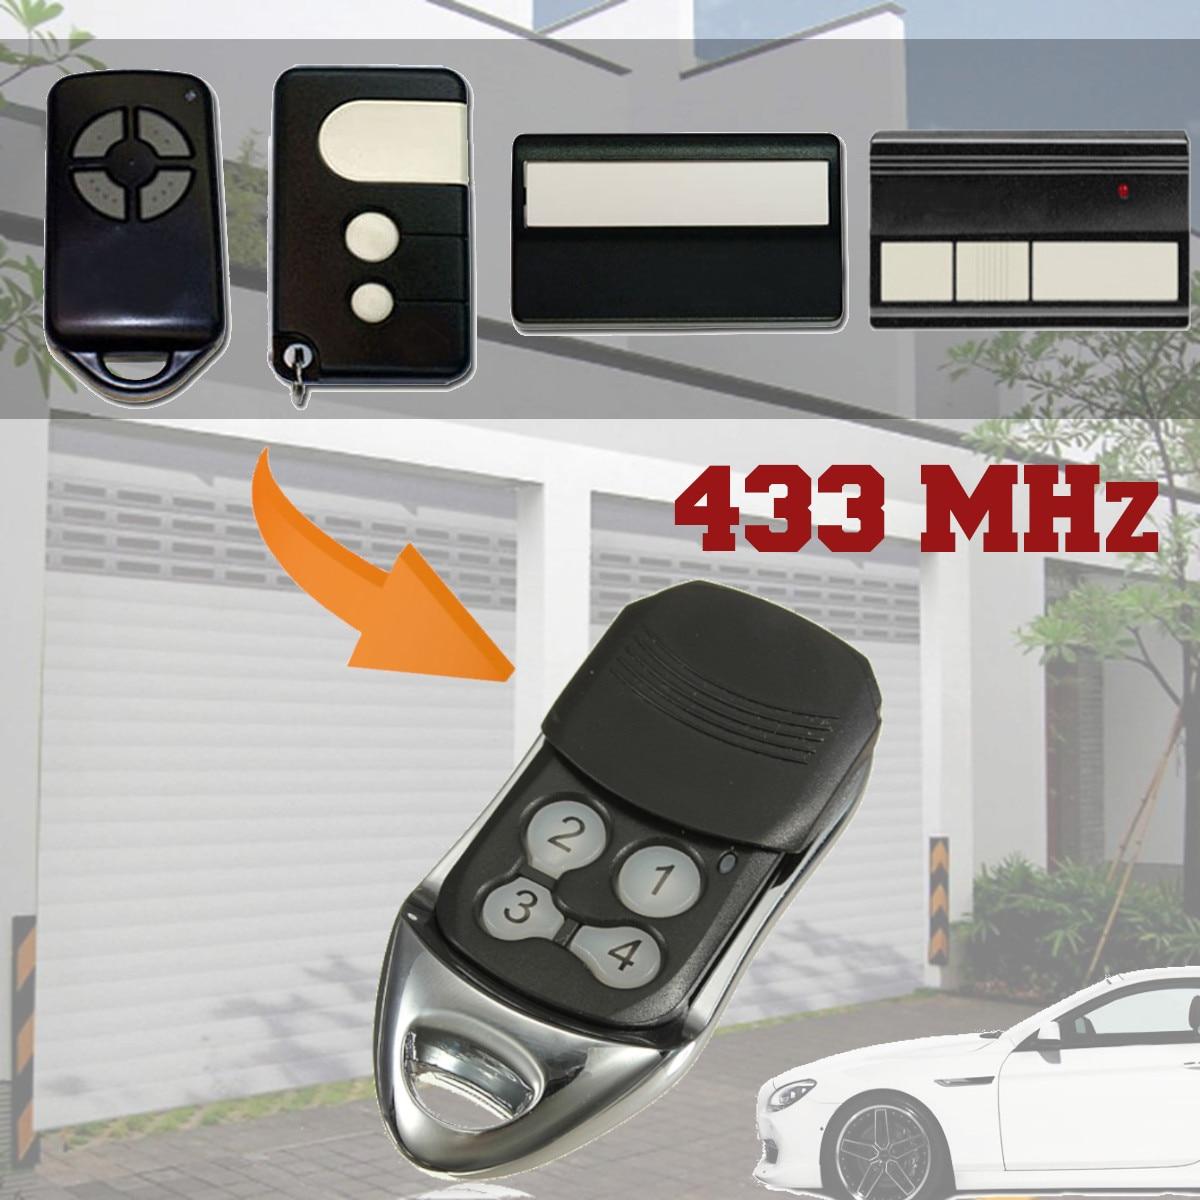 Reemplazo puerta de garaje CONTROL remoto 4 botones para LIFTMASTER 433 MHz